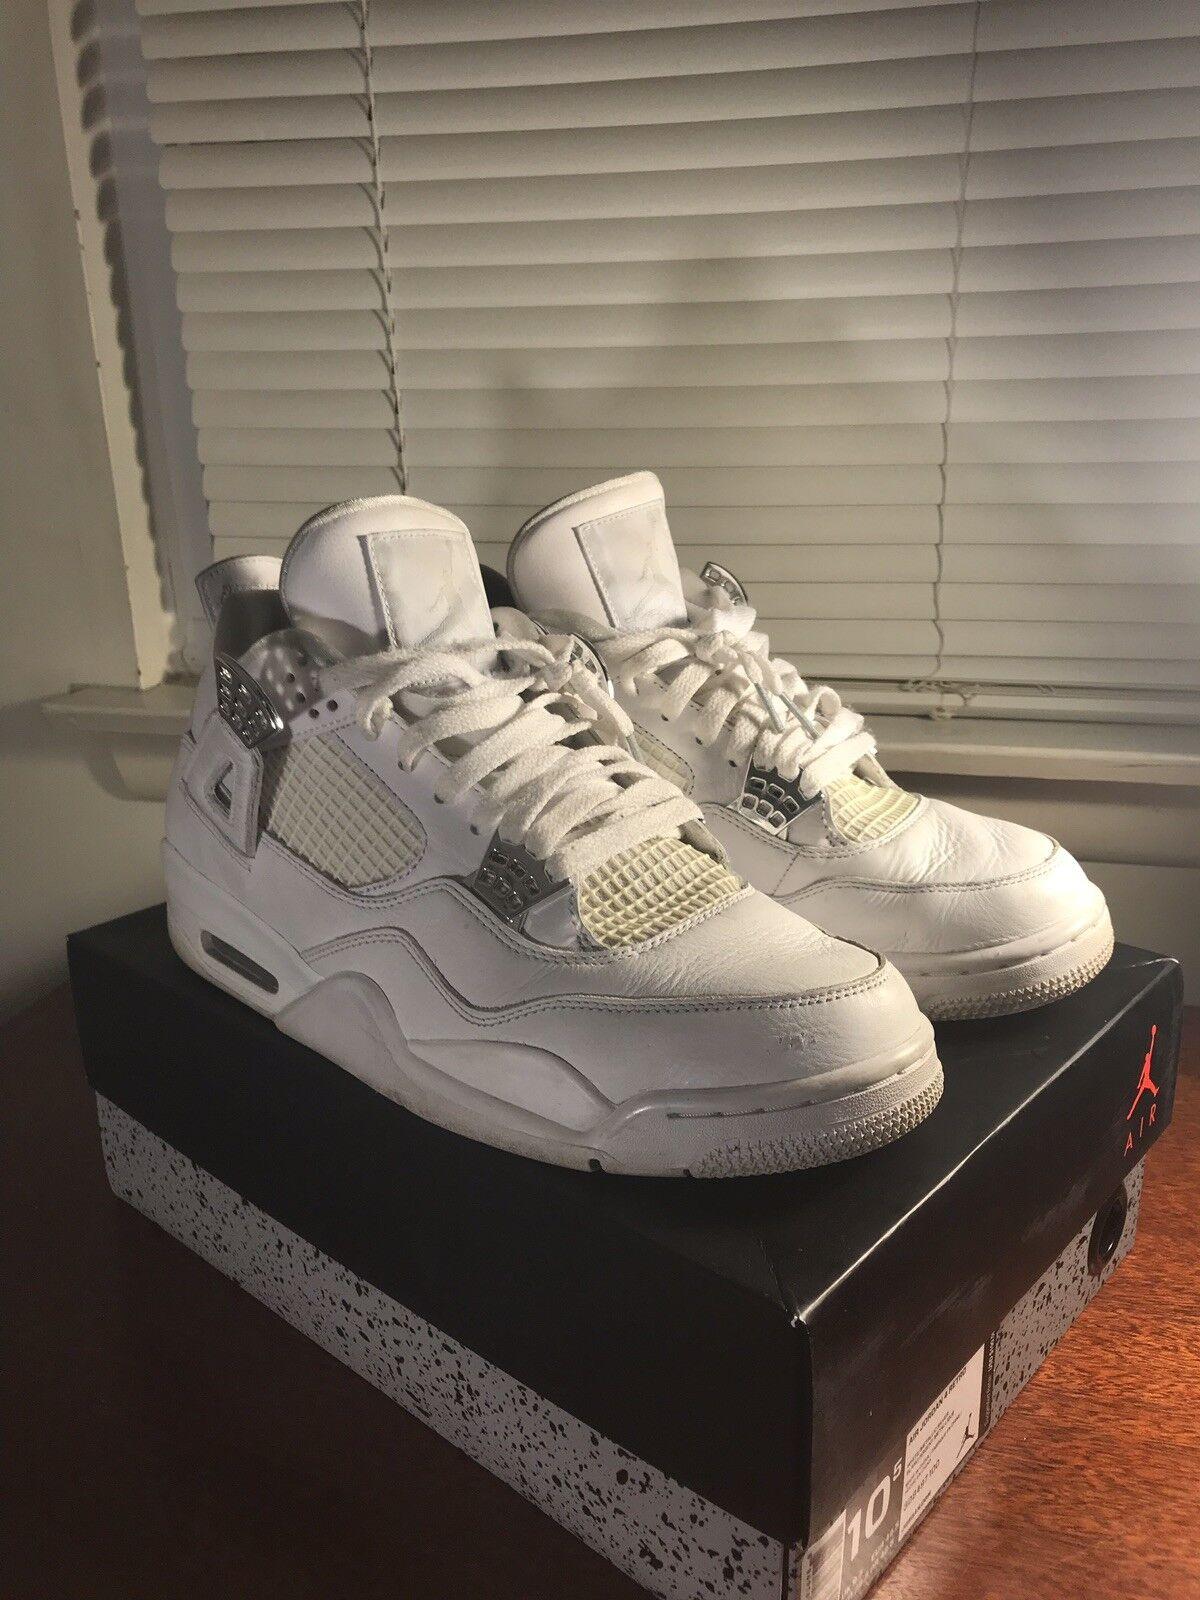 Nike air jordan 4 iv iv iv retro - weiße / metallischen silber 308497 100 sz 10,5 pures geld 3d1f59